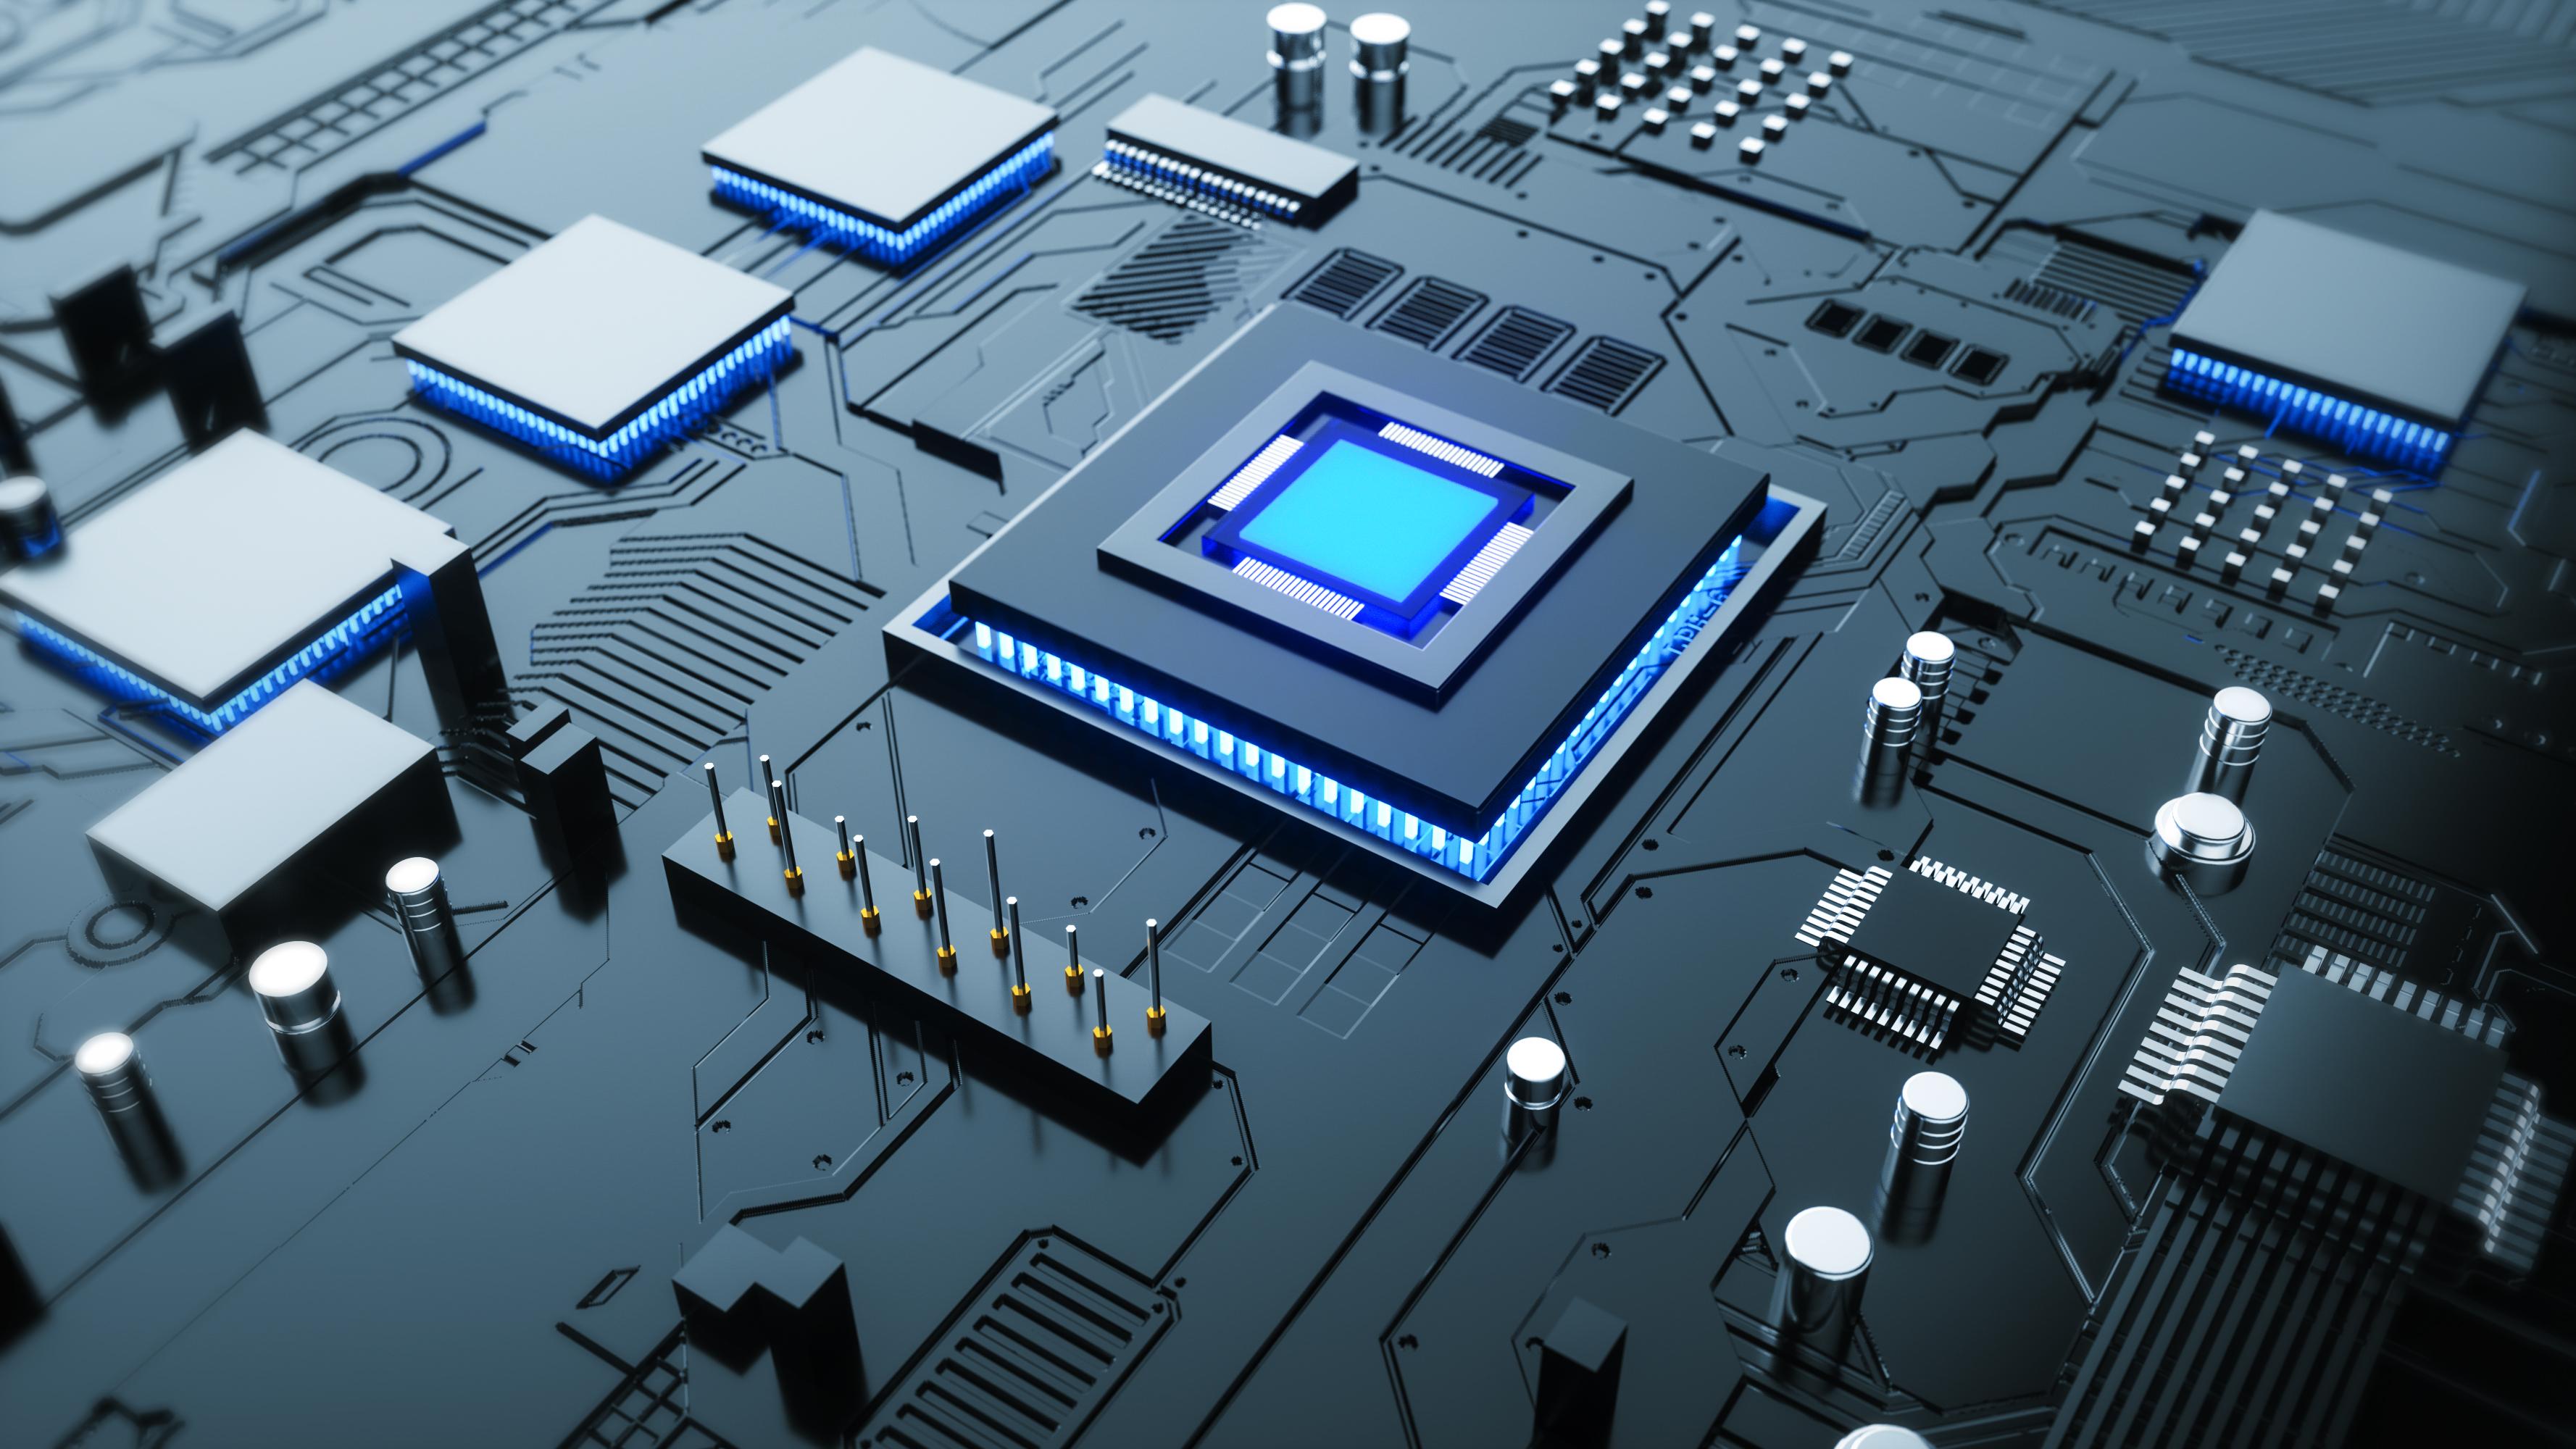 第十九届中国通信集成电路技术应用研讨会  暨青岛微电子产业发展大会成功召开